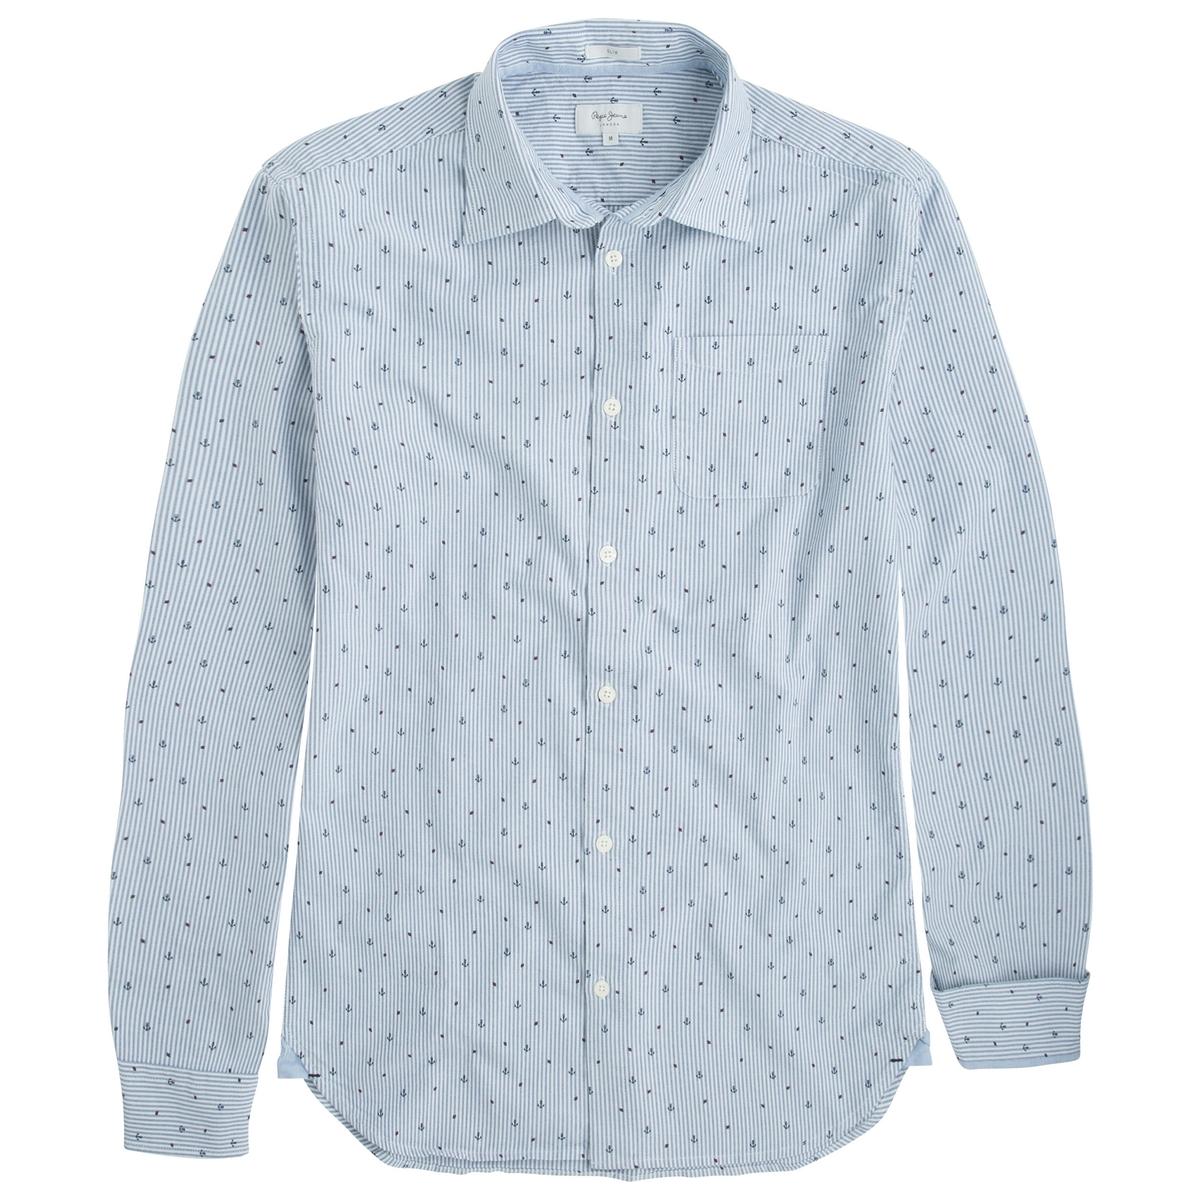 Рубашка из хлопка Darrick с рисунком, облегающий покройРубашка DARRICK от марки PEPE JEANS®, 1 нагрудный карман.- Длинные рукава, манжеты на пуговицах- Облегающий покрой, закругленный низ- Классический воротник со свободными уголками- 1 нагрудный карман- Мелкий рисунок якоряСостав и описание :Основной материал : 100% хлопка.Марка : PEPE JEANS®Уход :Следуйте рекомендациям, указанным на этикетке изделия.<br><br>Цвет: синий/ белый в полоску<br>Размер: S